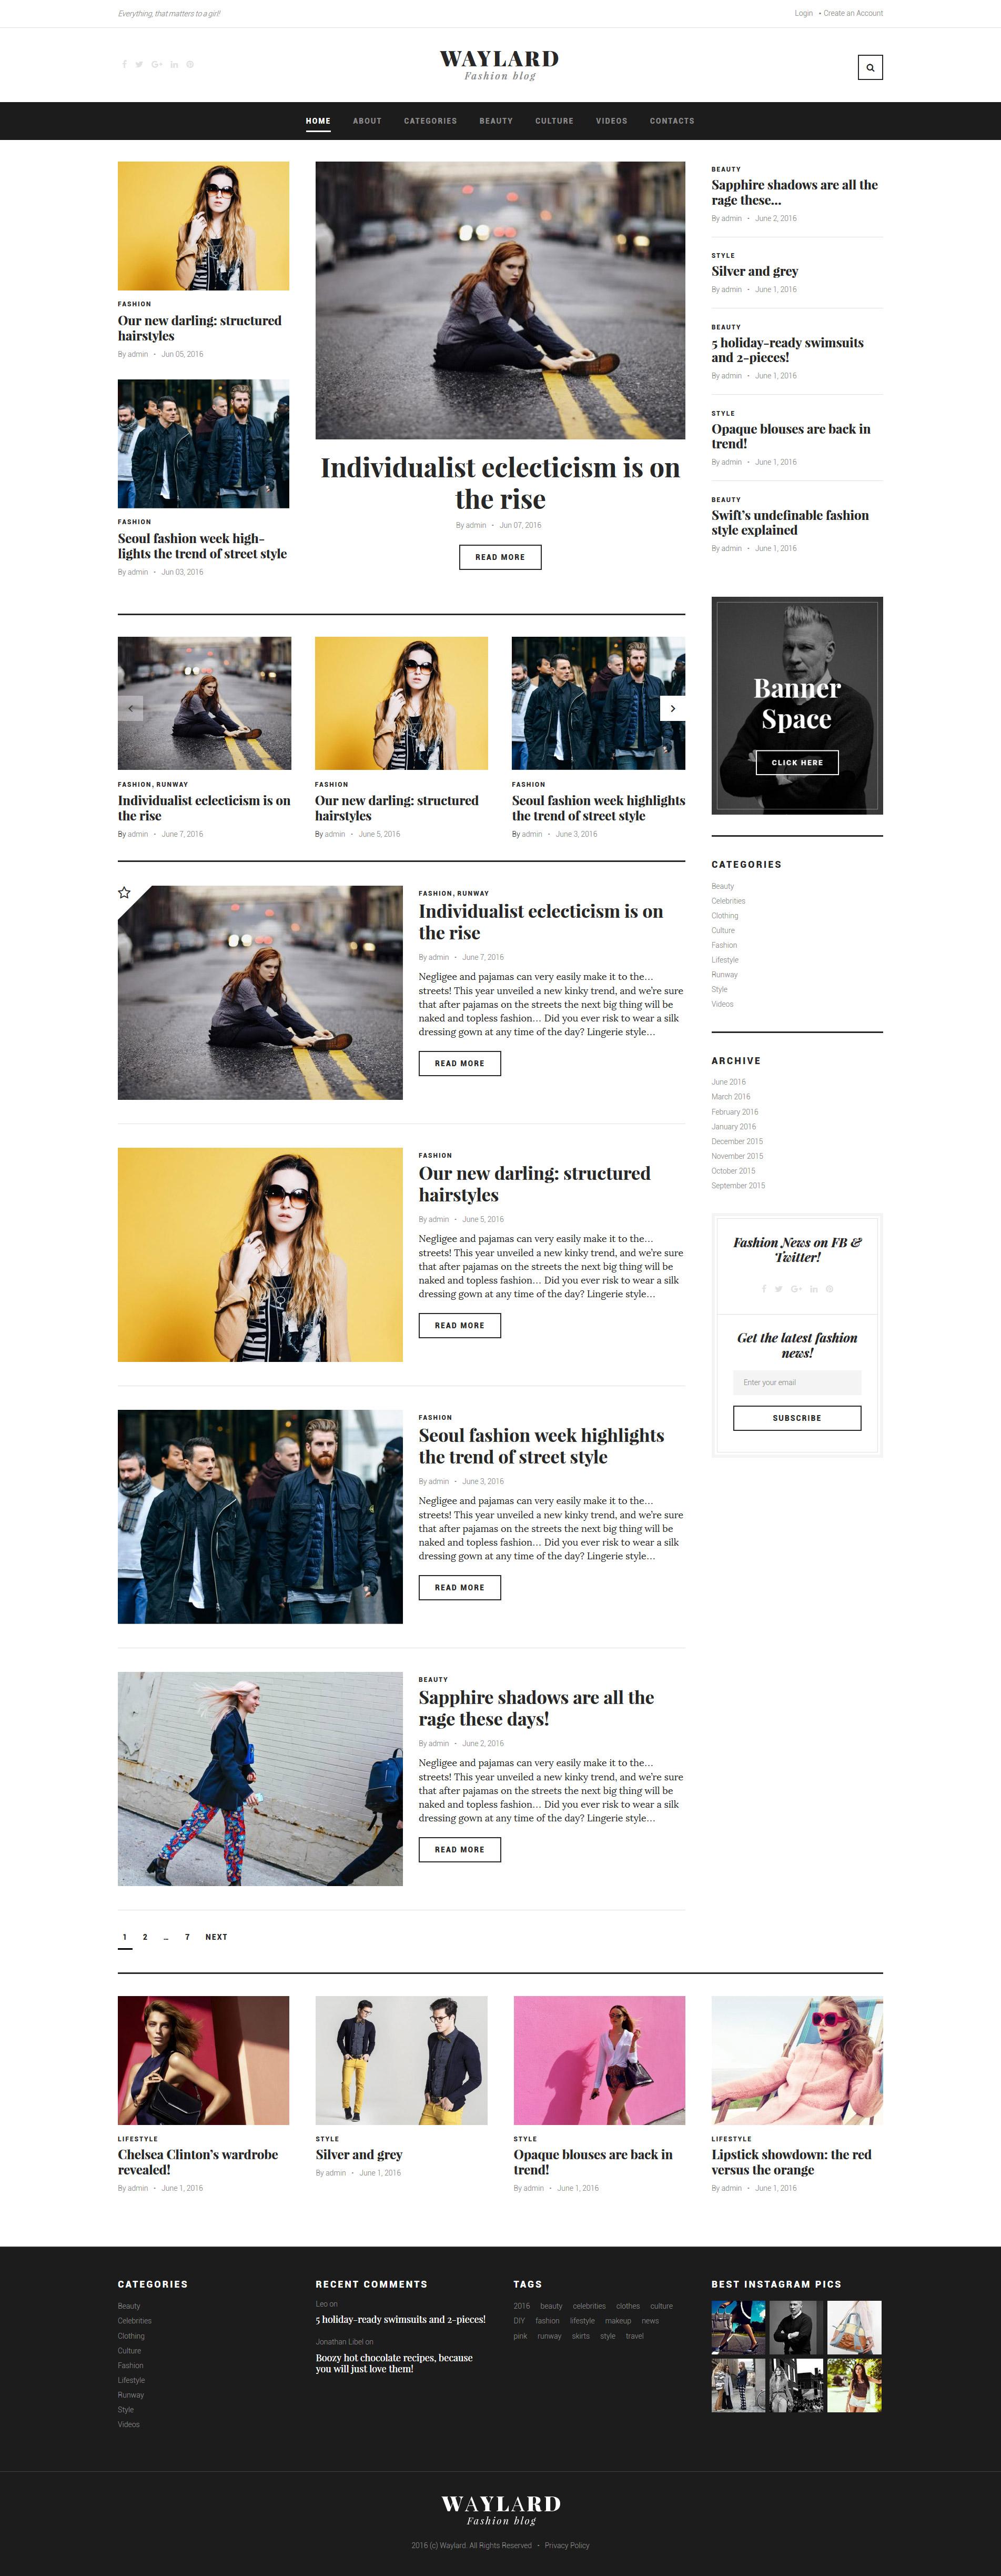 Reszponzív Waylard - Fashion Blog & Magazine WordPress sablon 58904 - képernyőkép